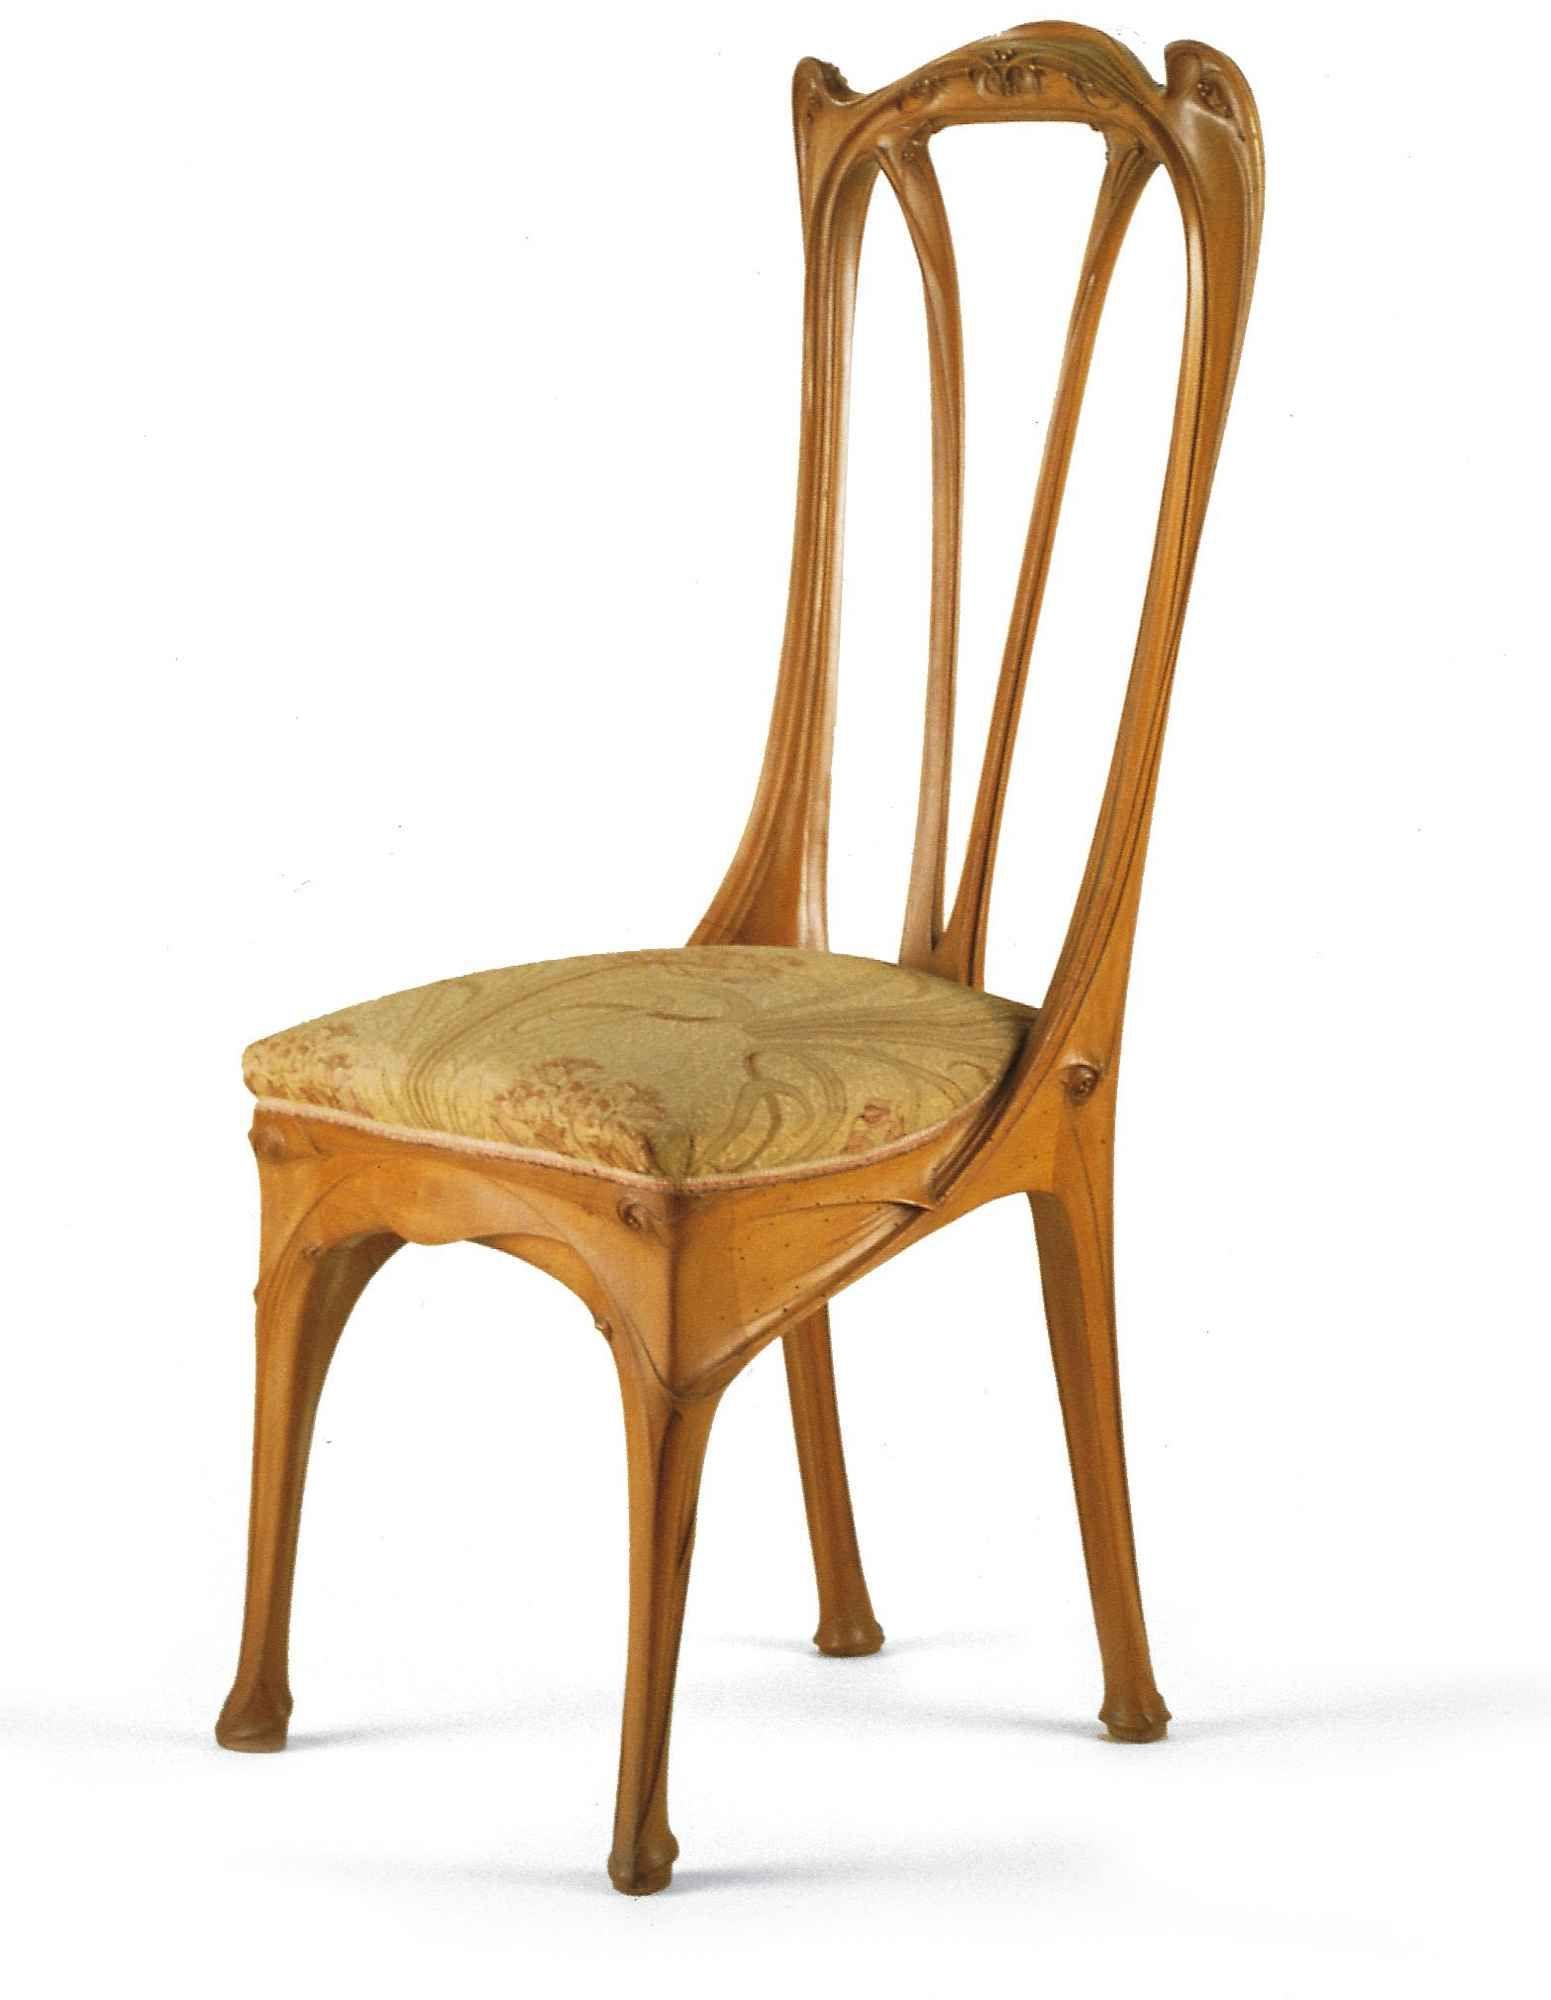 chaise hector guimard 1903 paris art nouveau furniture interiors pinterest art nouveau. Black Bedroom Furniture Sets. Home Design Ideas